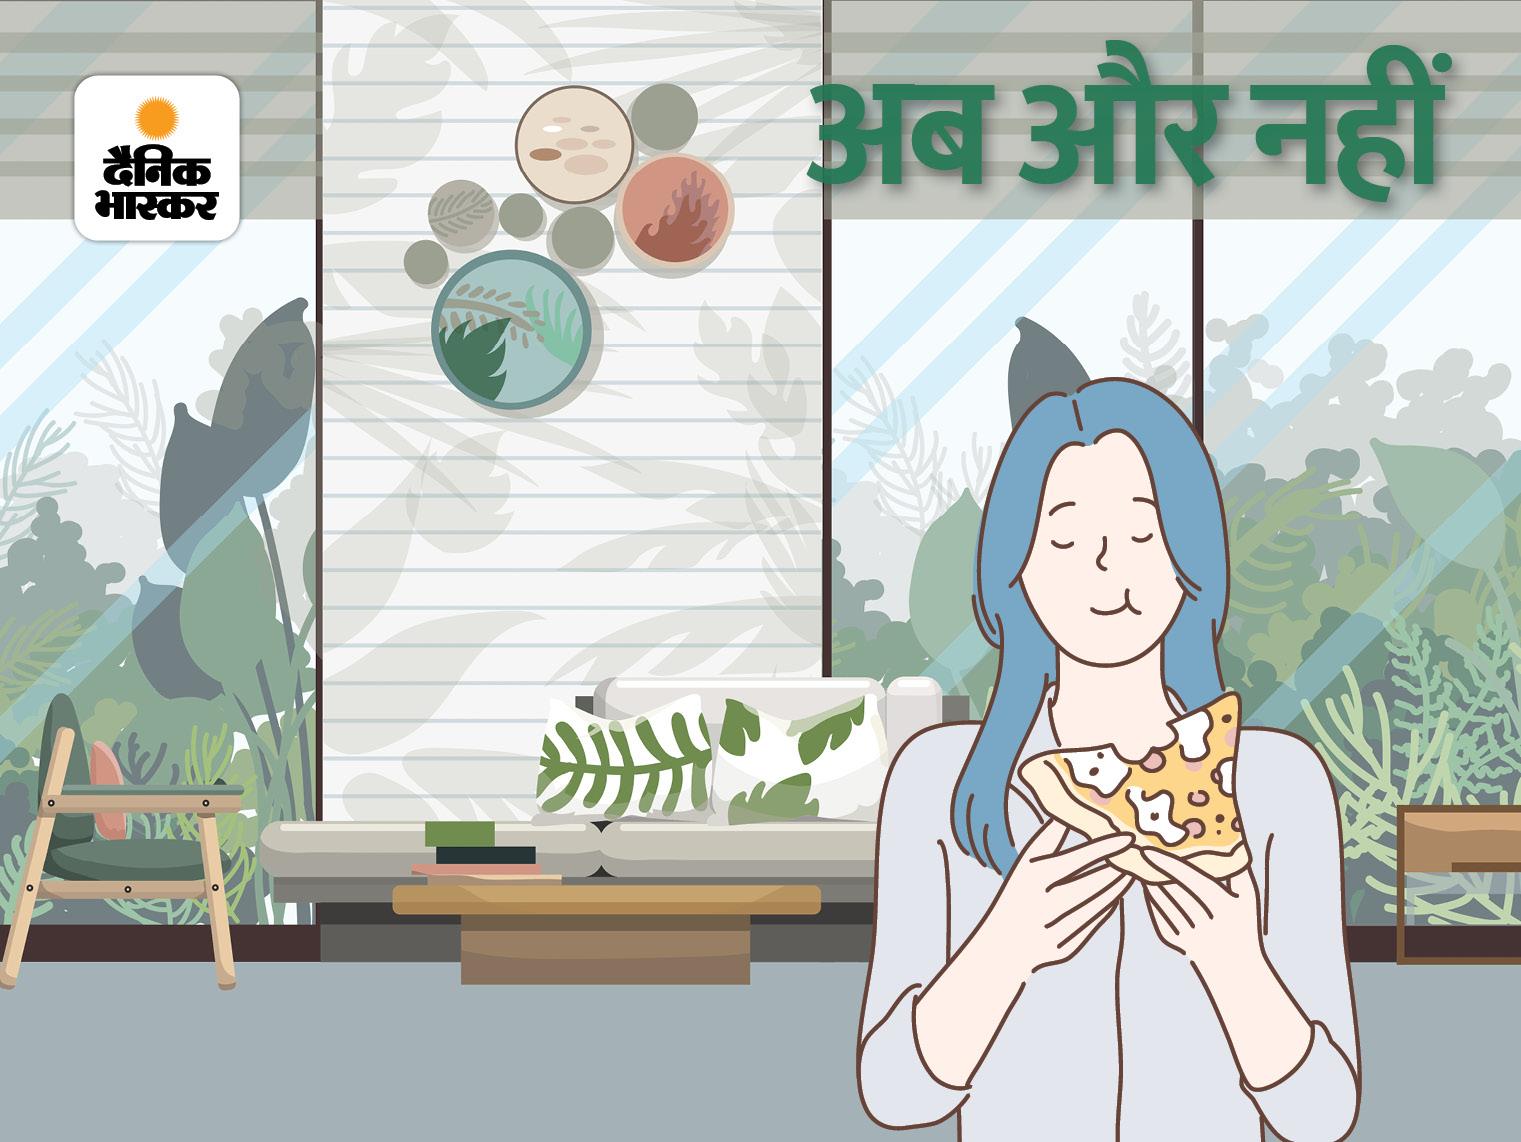 पीयूष की बेचारगी देखकर उसे बहुत गुस्सा आया कि आखिर यह कैसा प्यार है जो जरा से हवा के झोंके से बिखर जाए|कहानी,Story - Dainik Bhaskar